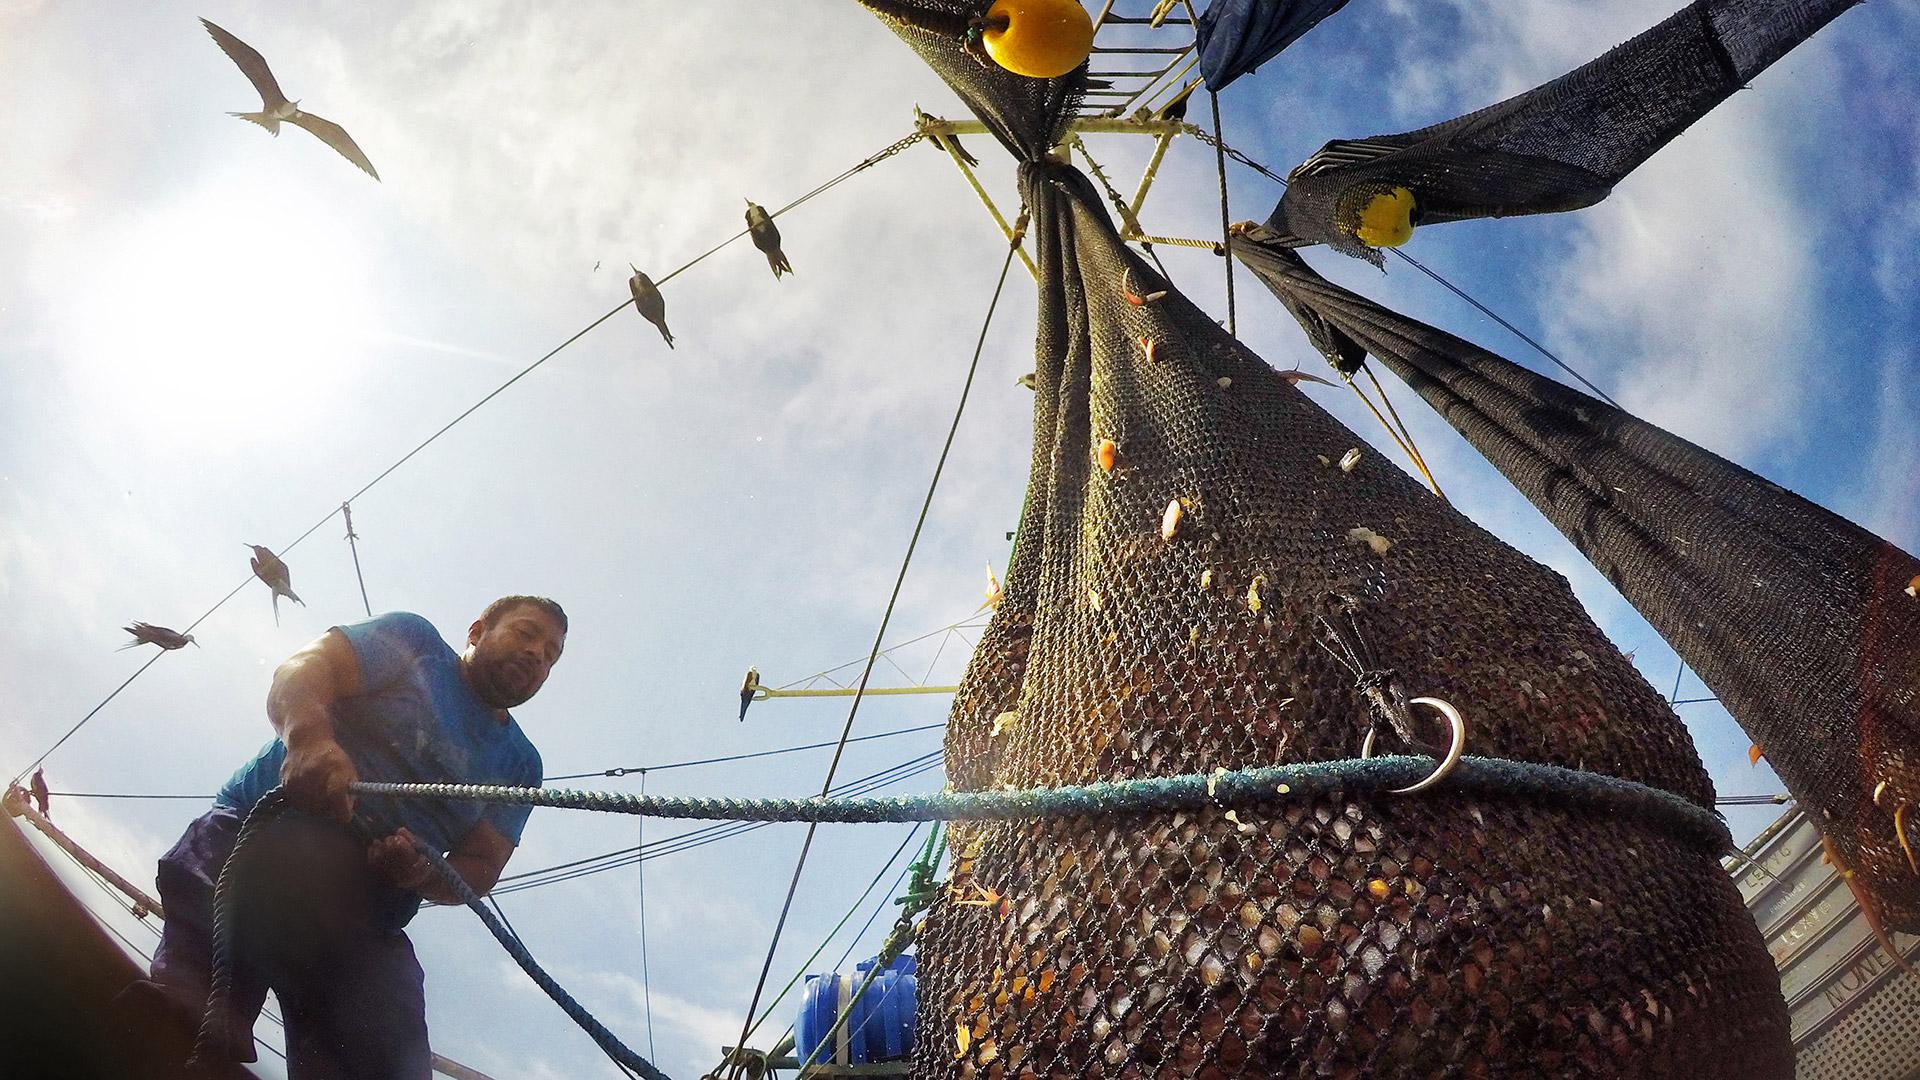 Warum wir weniger Fisch essen sollten - volles Fischernetz als Symbol für die Überfischung